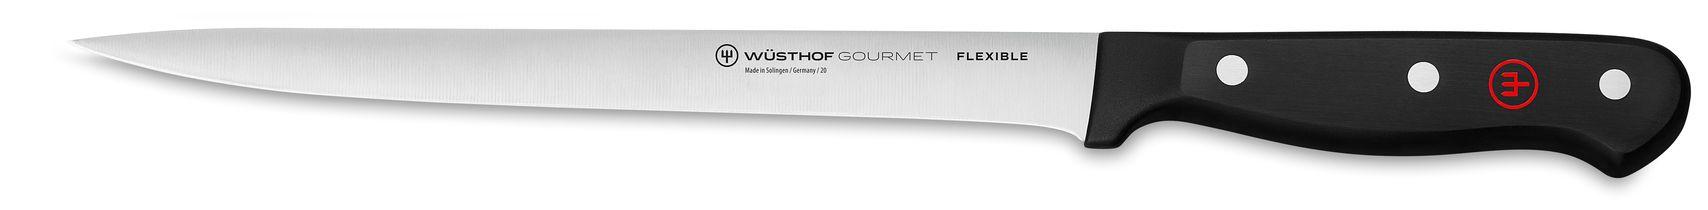 Cuchillos para Filetear Wusthof